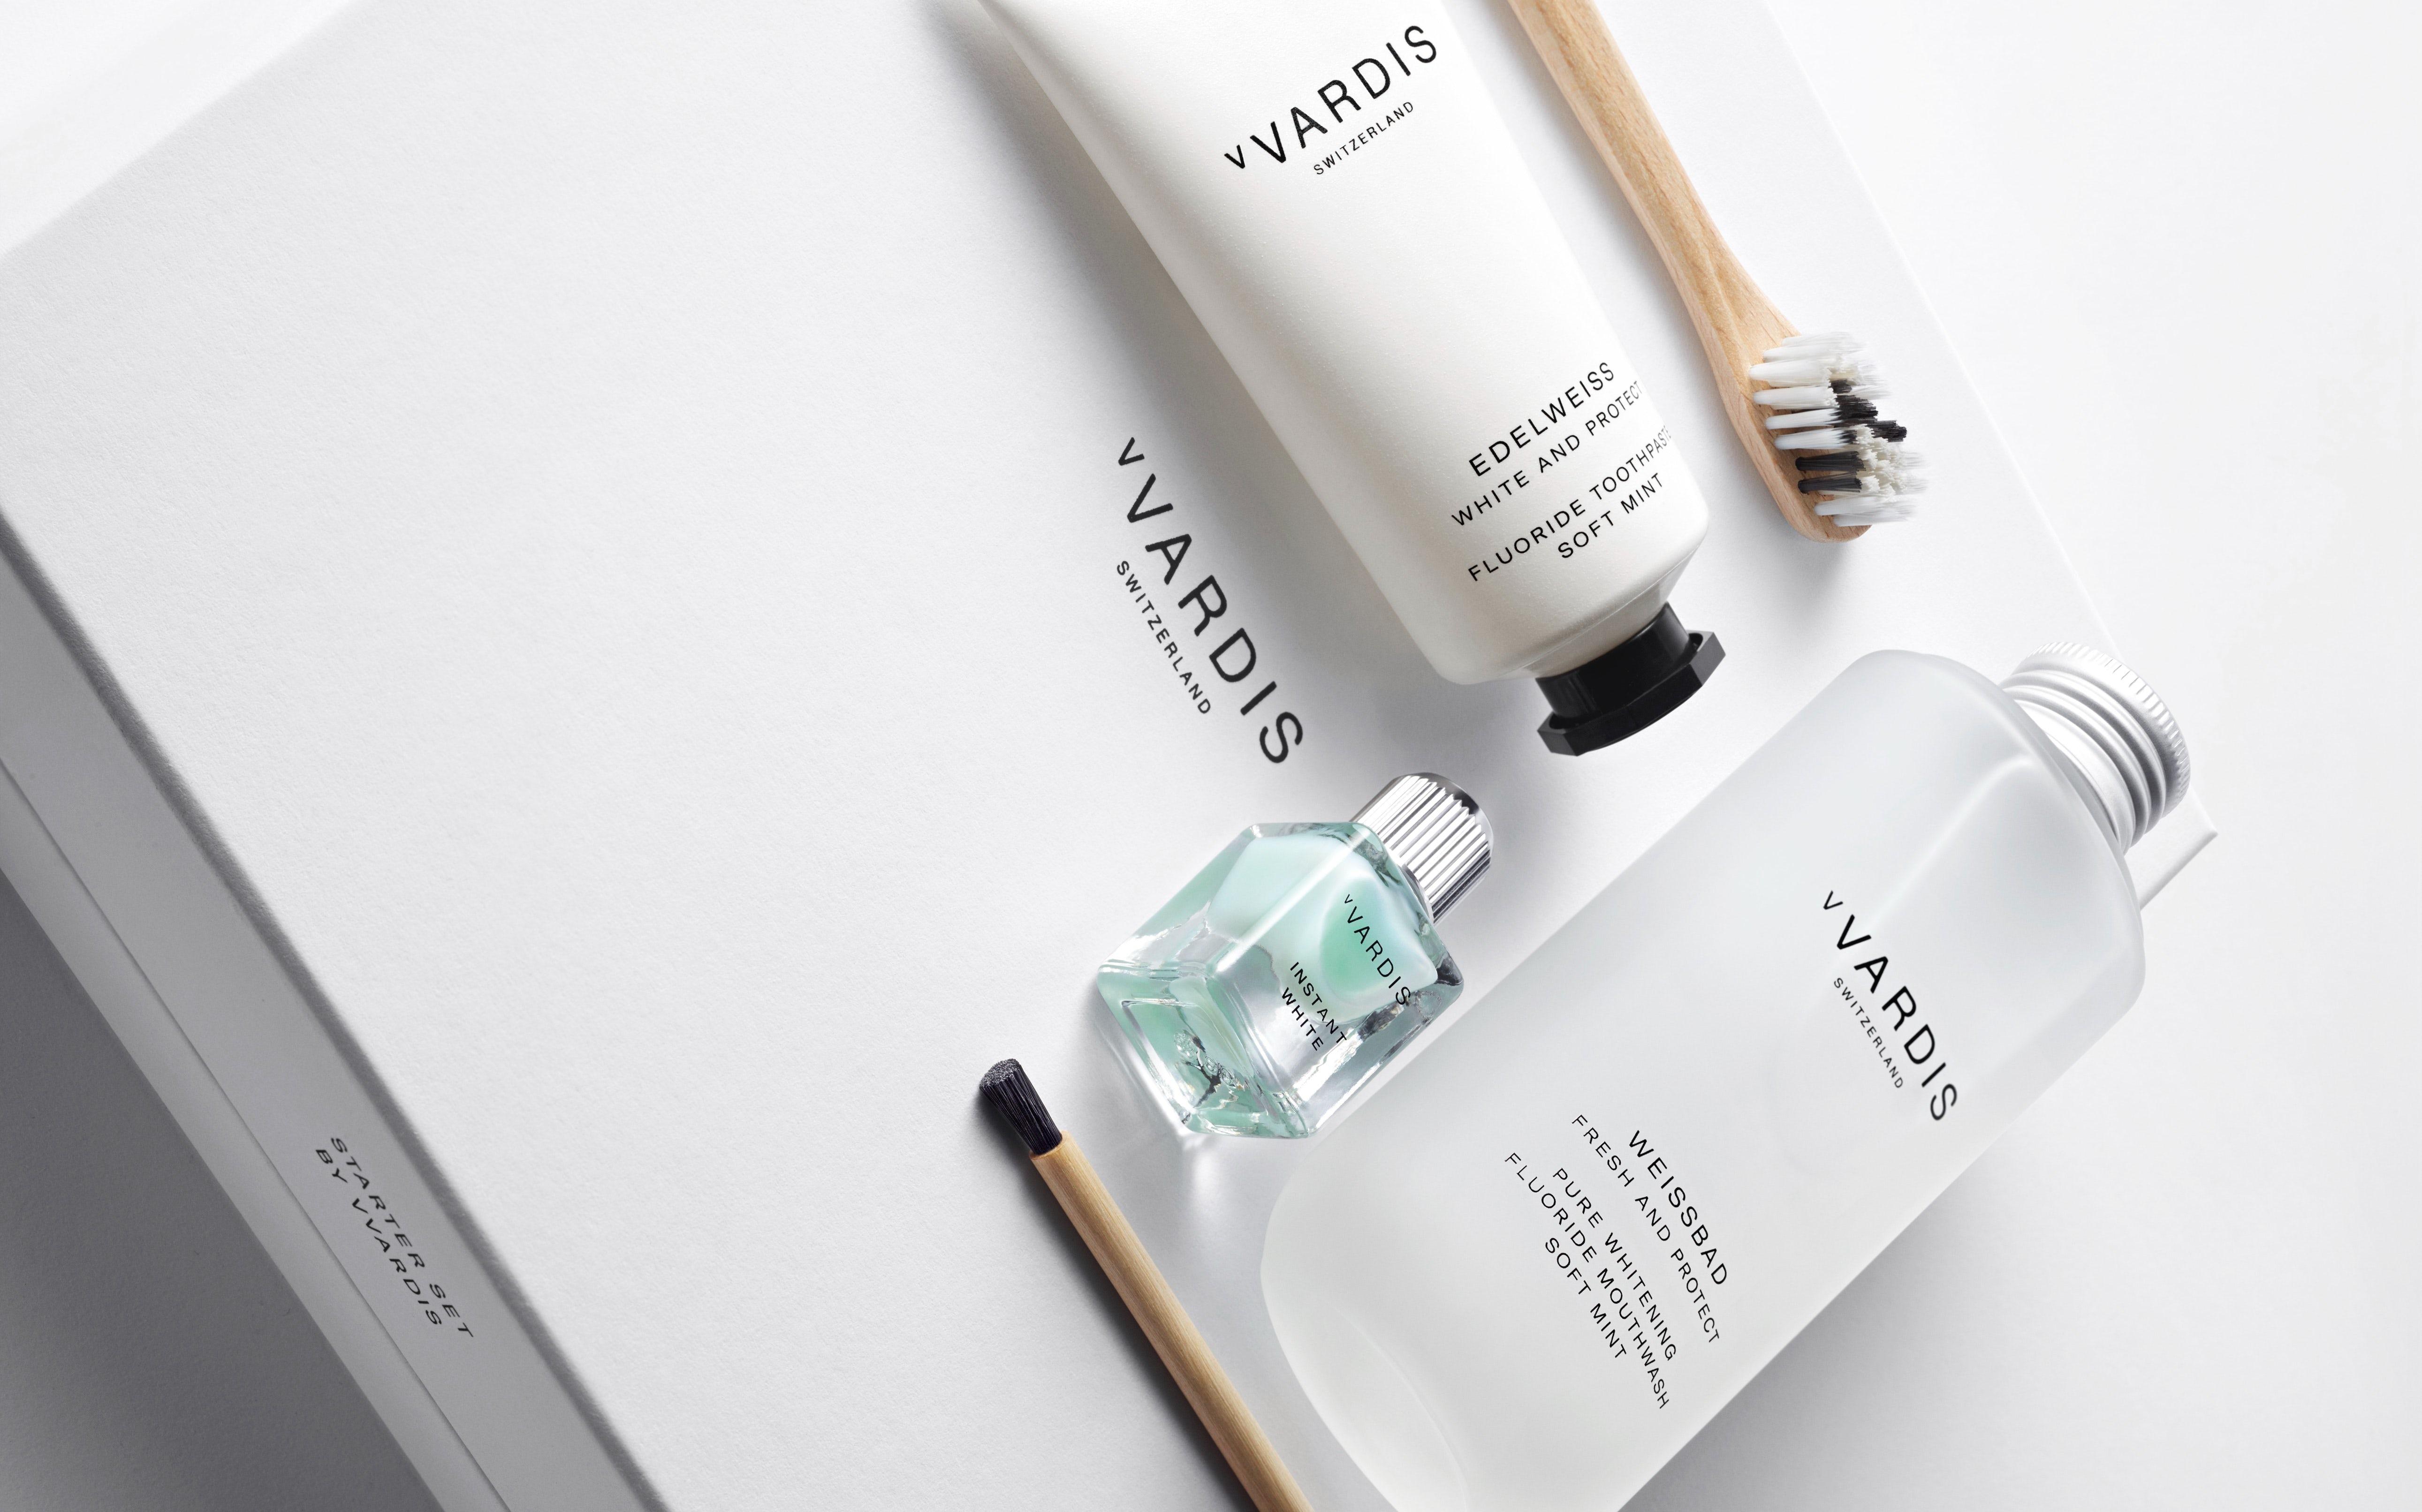 来自口腔护理公司Vvardis的产品来自奢侈品公司。vvardis。